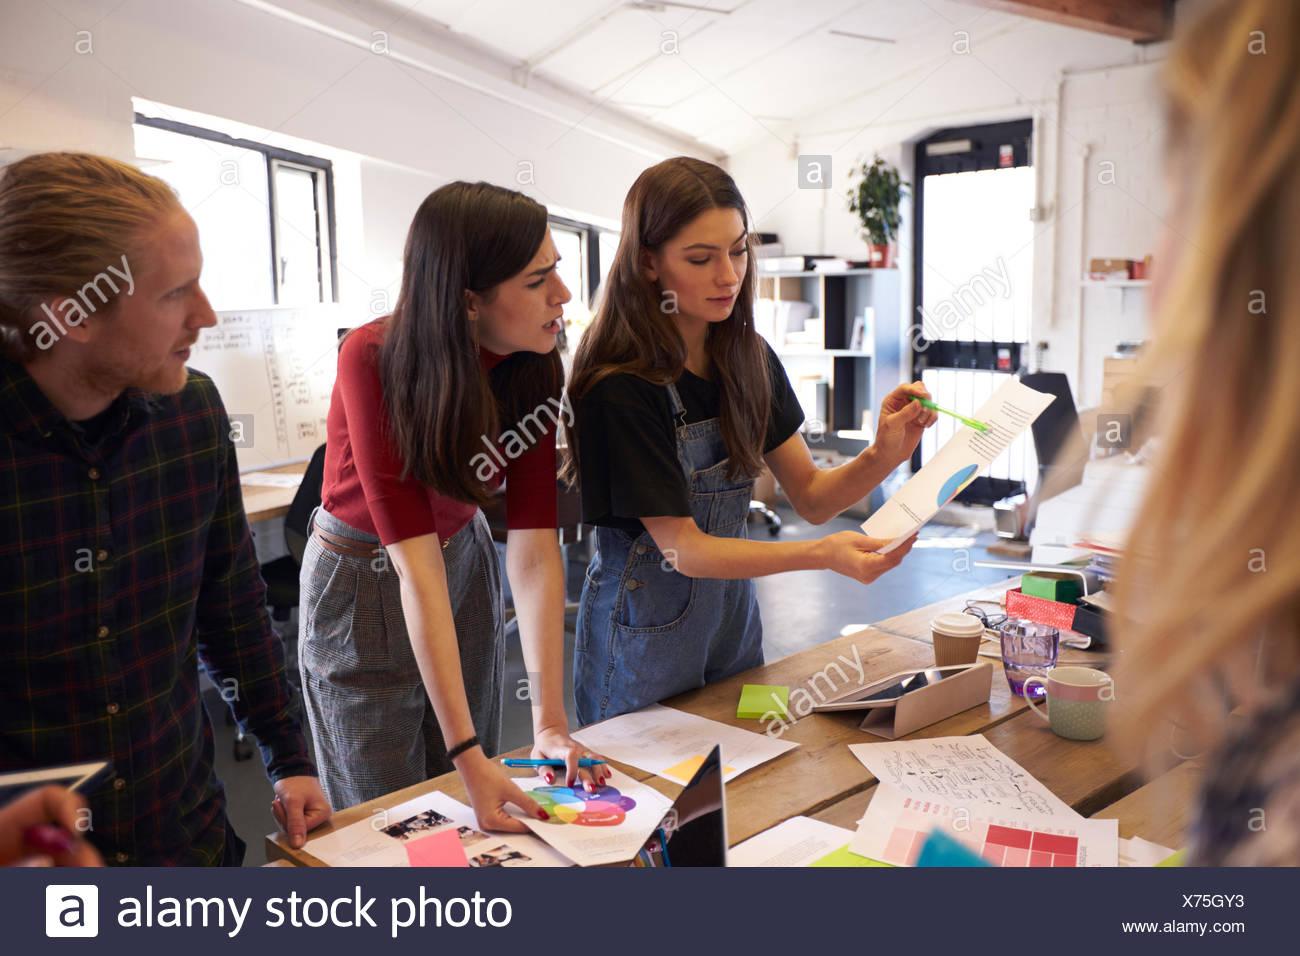 Reunión de intercambio de ideas creativas en la oficina de diseño Imagen De Stock